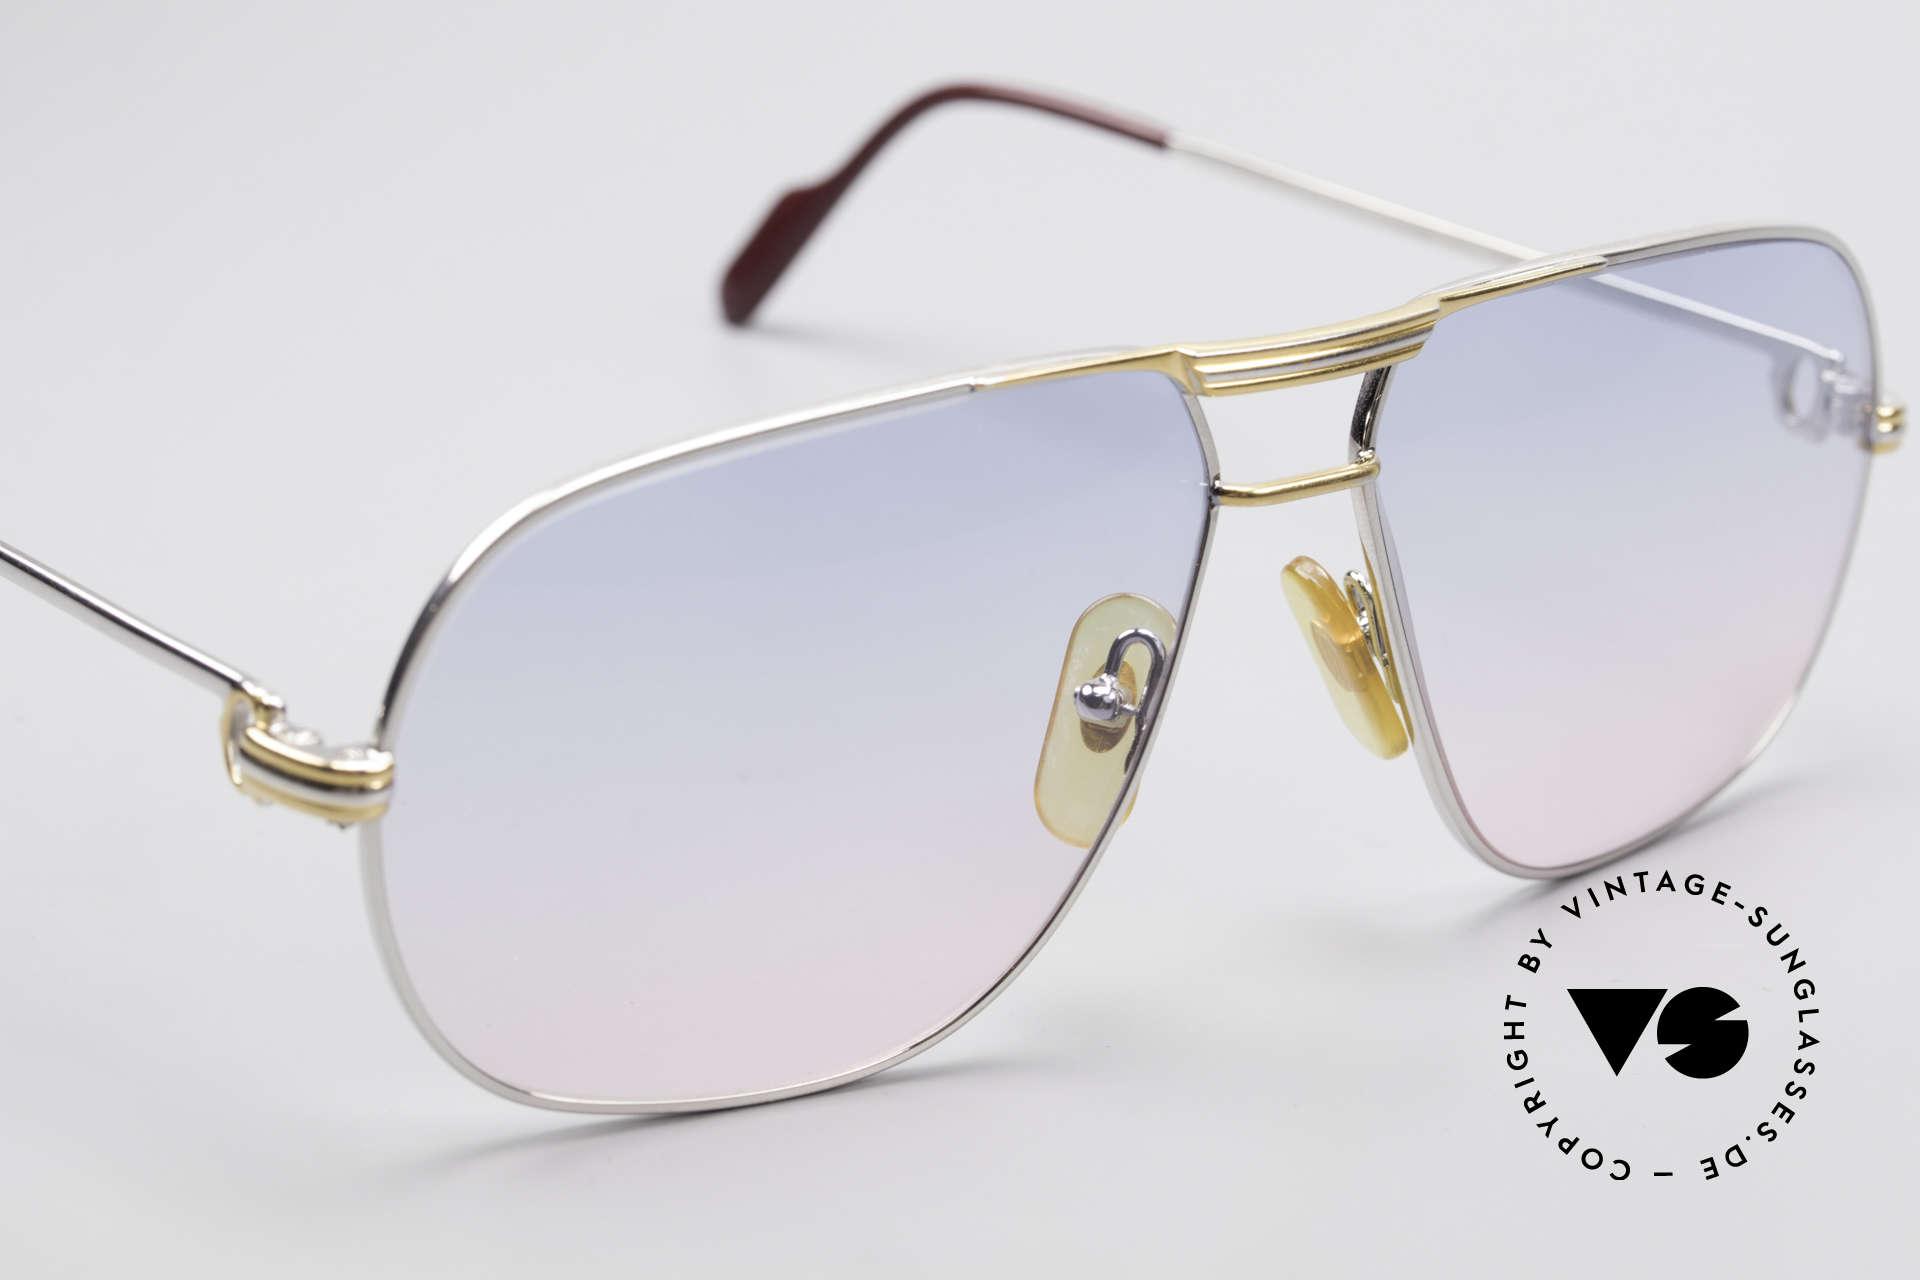 Cartier Tank - L Platin Edition Baby-Blau Pink, neue Gläser in Blau-Pink-Verlauf; inkl. Etui von GUCCI, Passend für Herren